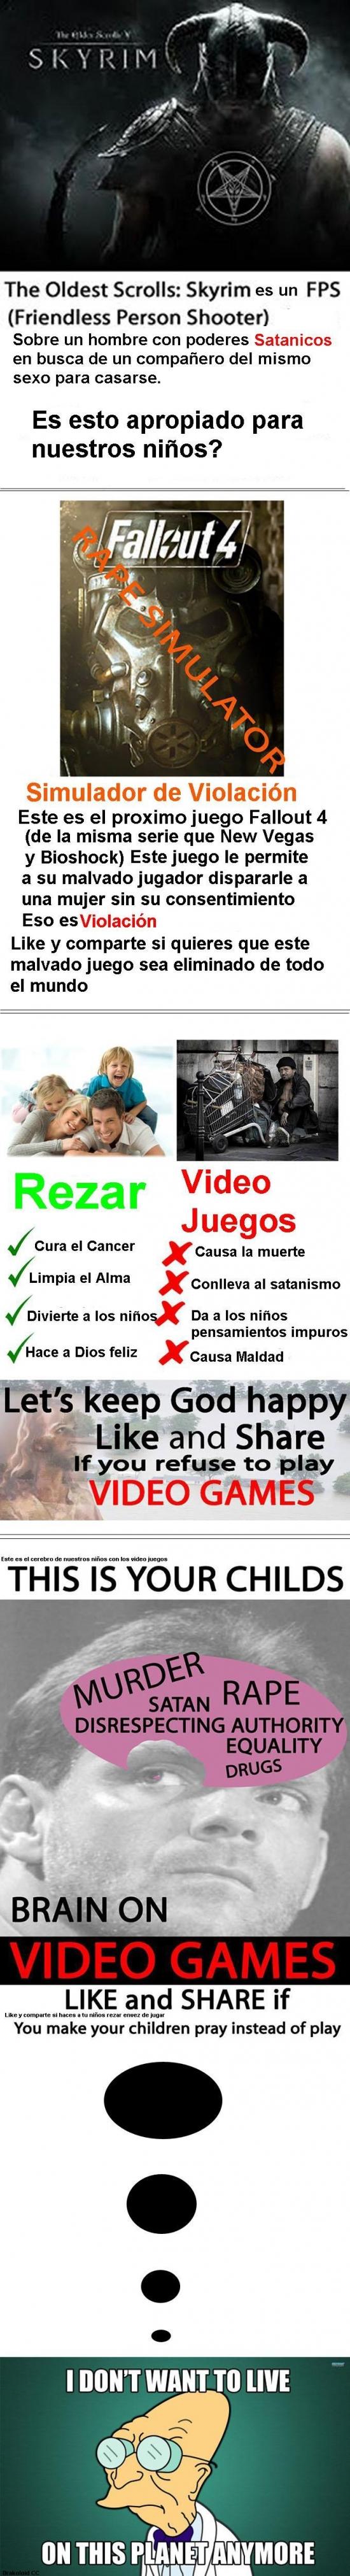 Meme_otros - Religión y videojuegos, una relación difícil de llevar